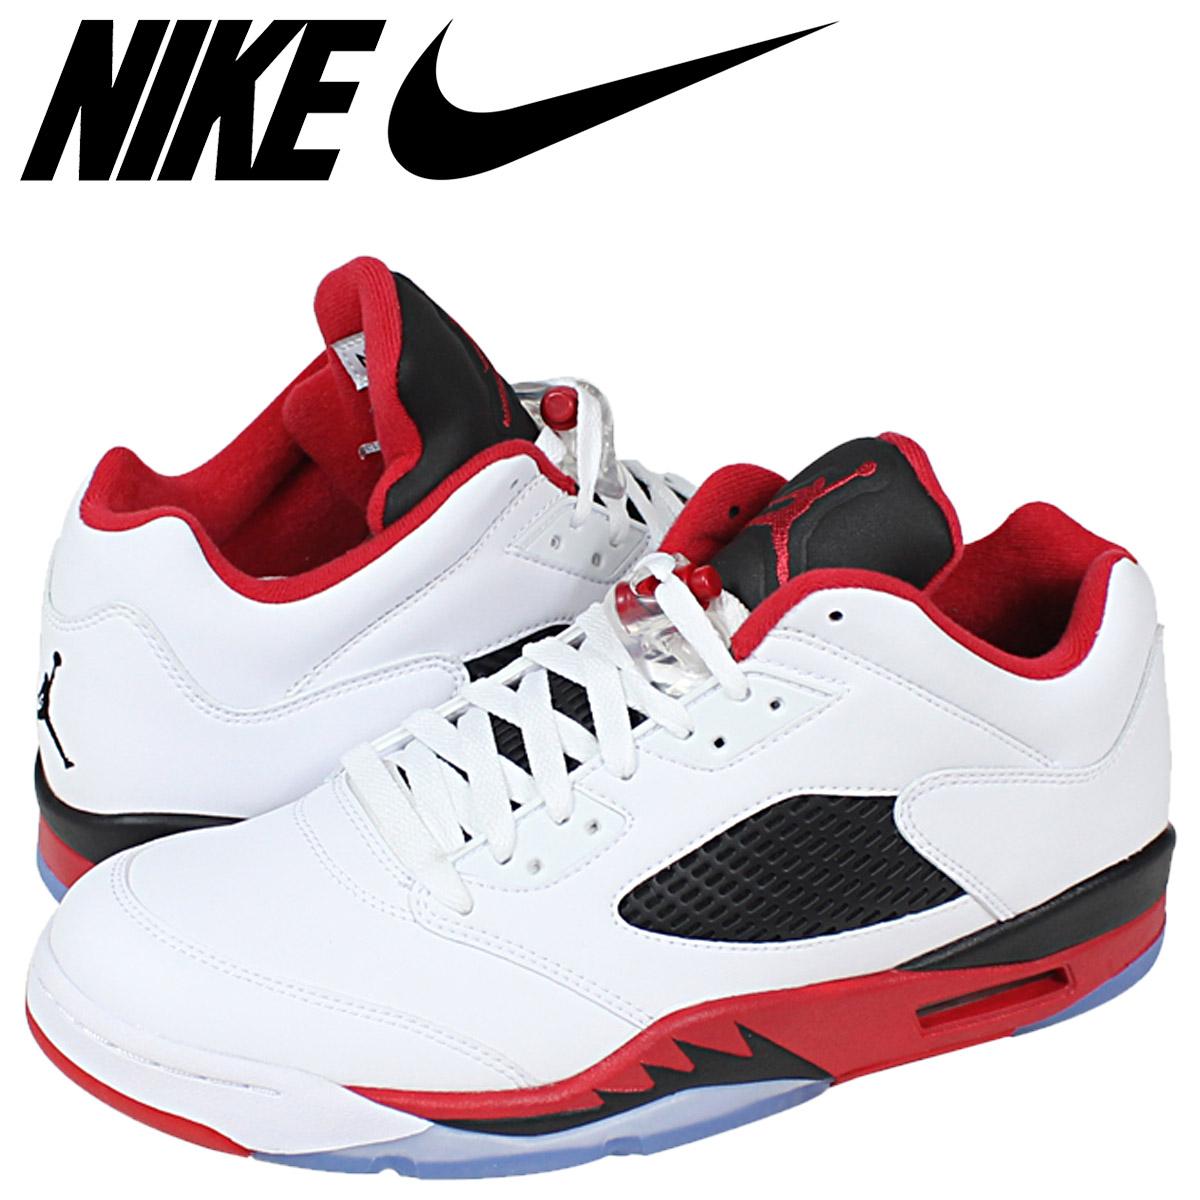 pretty nice d663c e0952 Sugar Online Shop Nike NIKE Air Jordan sneakers AIR JORDAN 5 RETRO LOW  ALTERNATE 90 Air Jordan 5 alternate 819171 - 101 white mens  Rakuten  Global Market